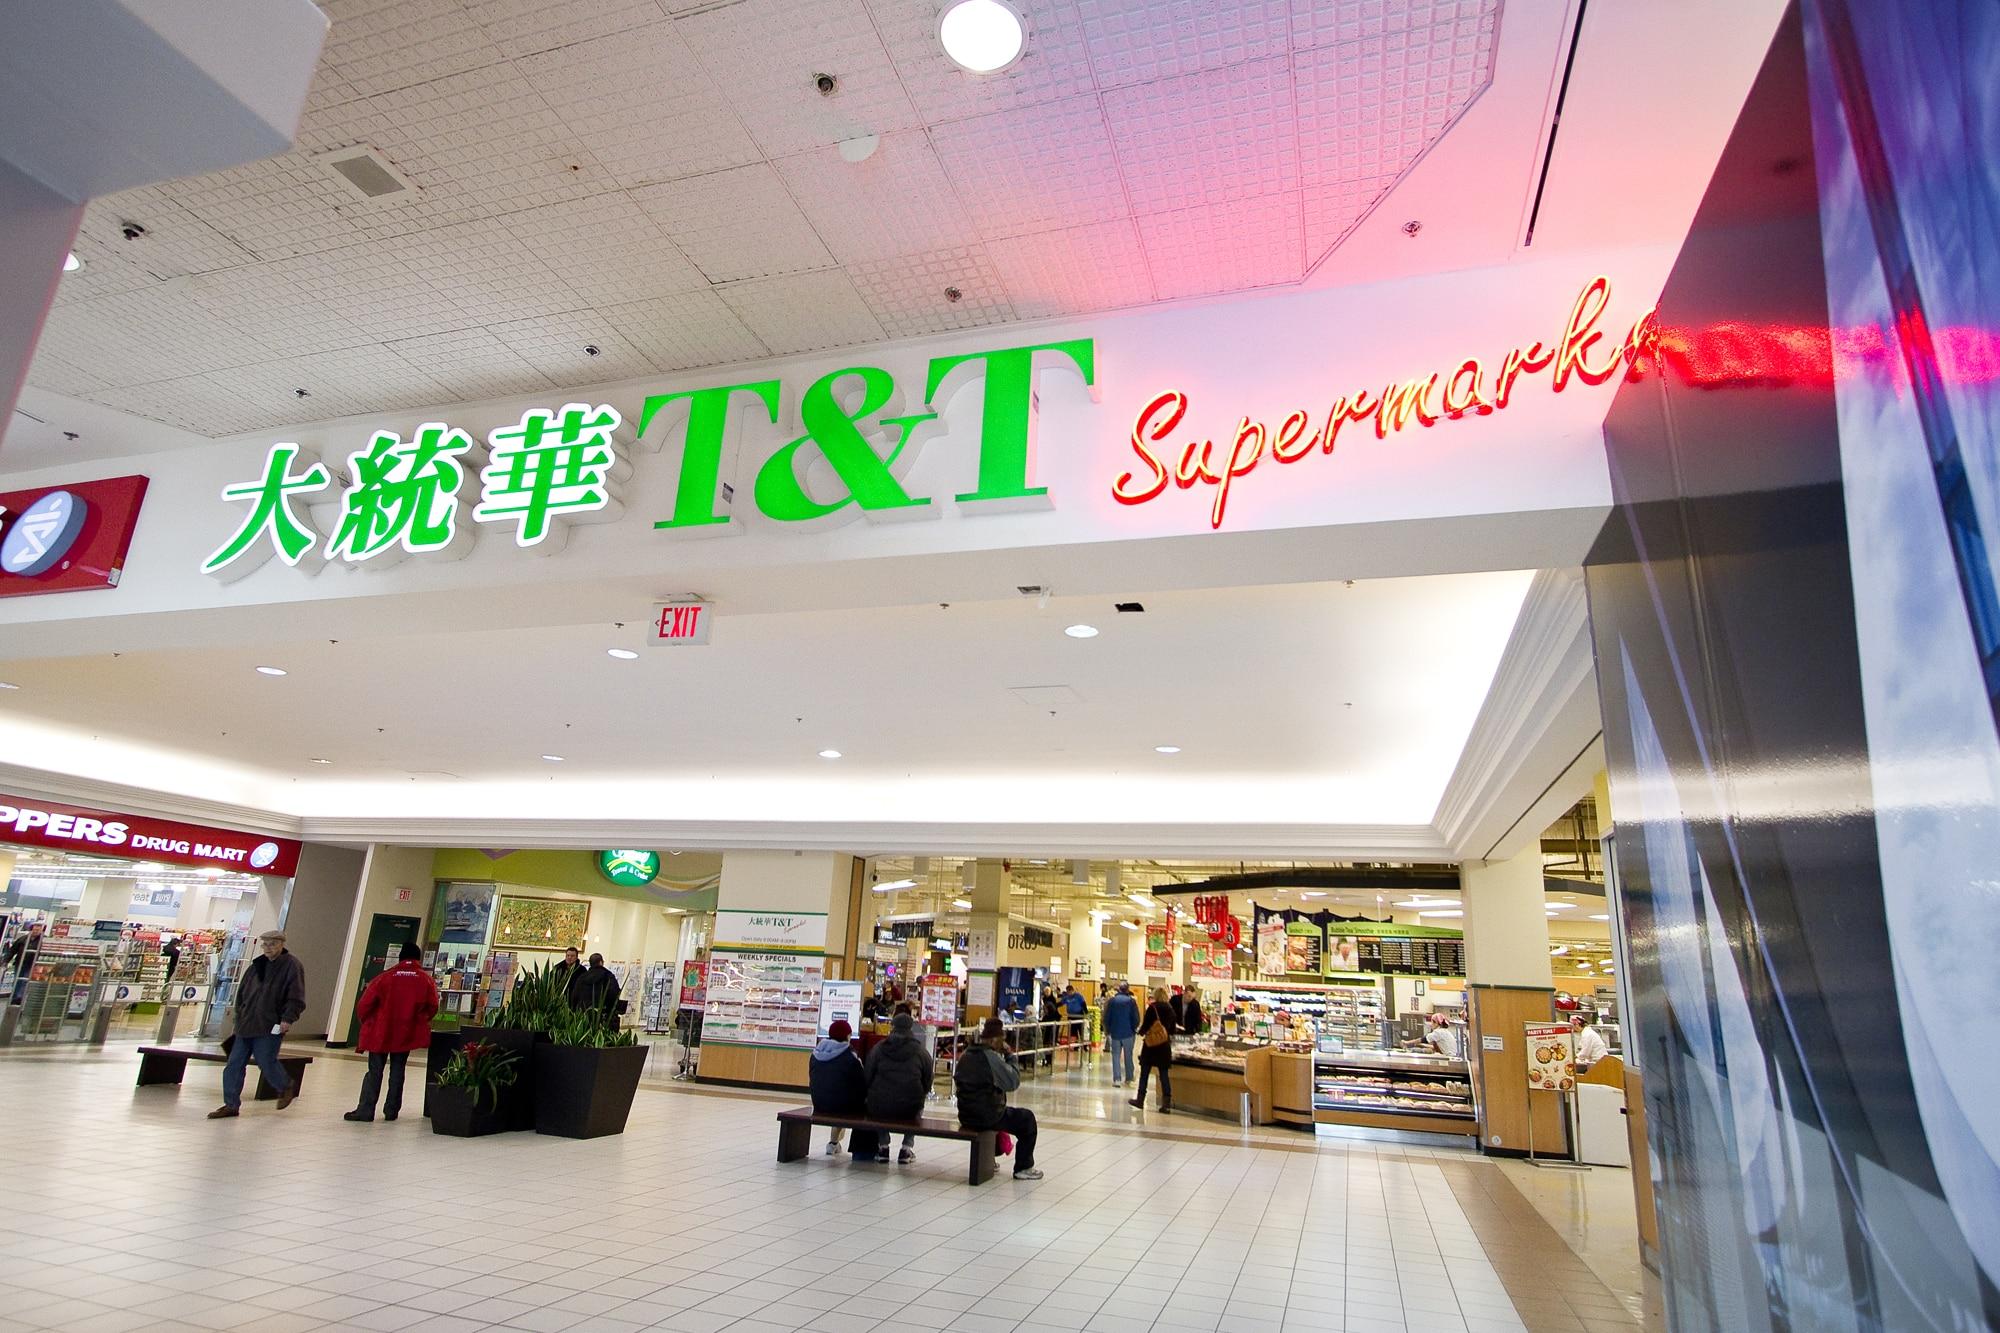 Cadena de supermercados revierte su medida de cortar beneficios tras el alza del sueldo mínimo en Ontario